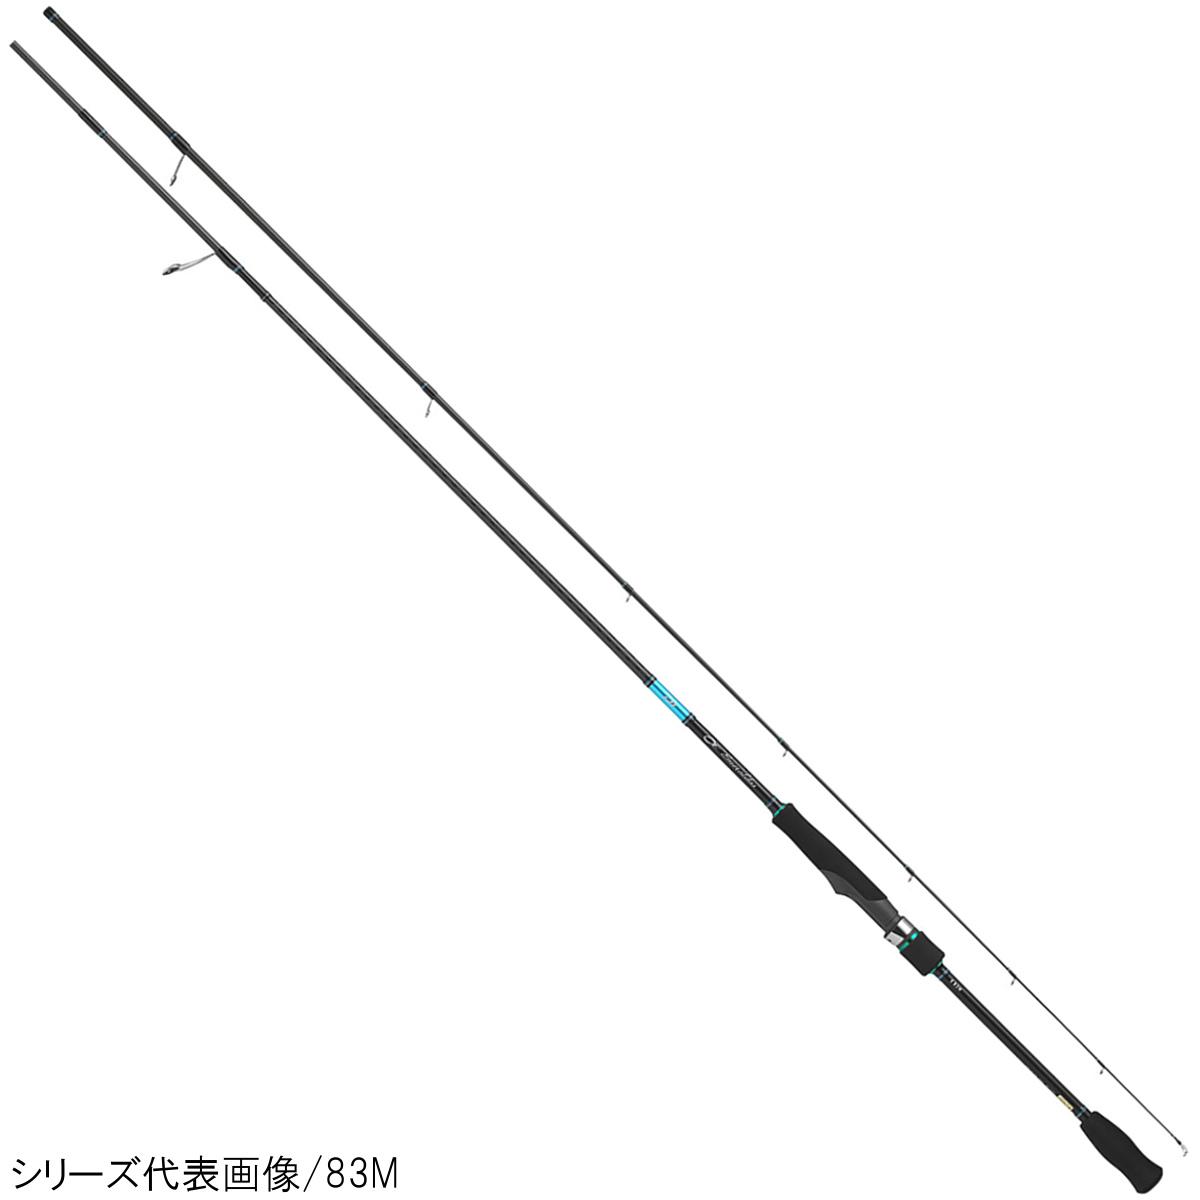 エメラルダス X 83ML(エギングロッド) ダイワ【同梱不可】